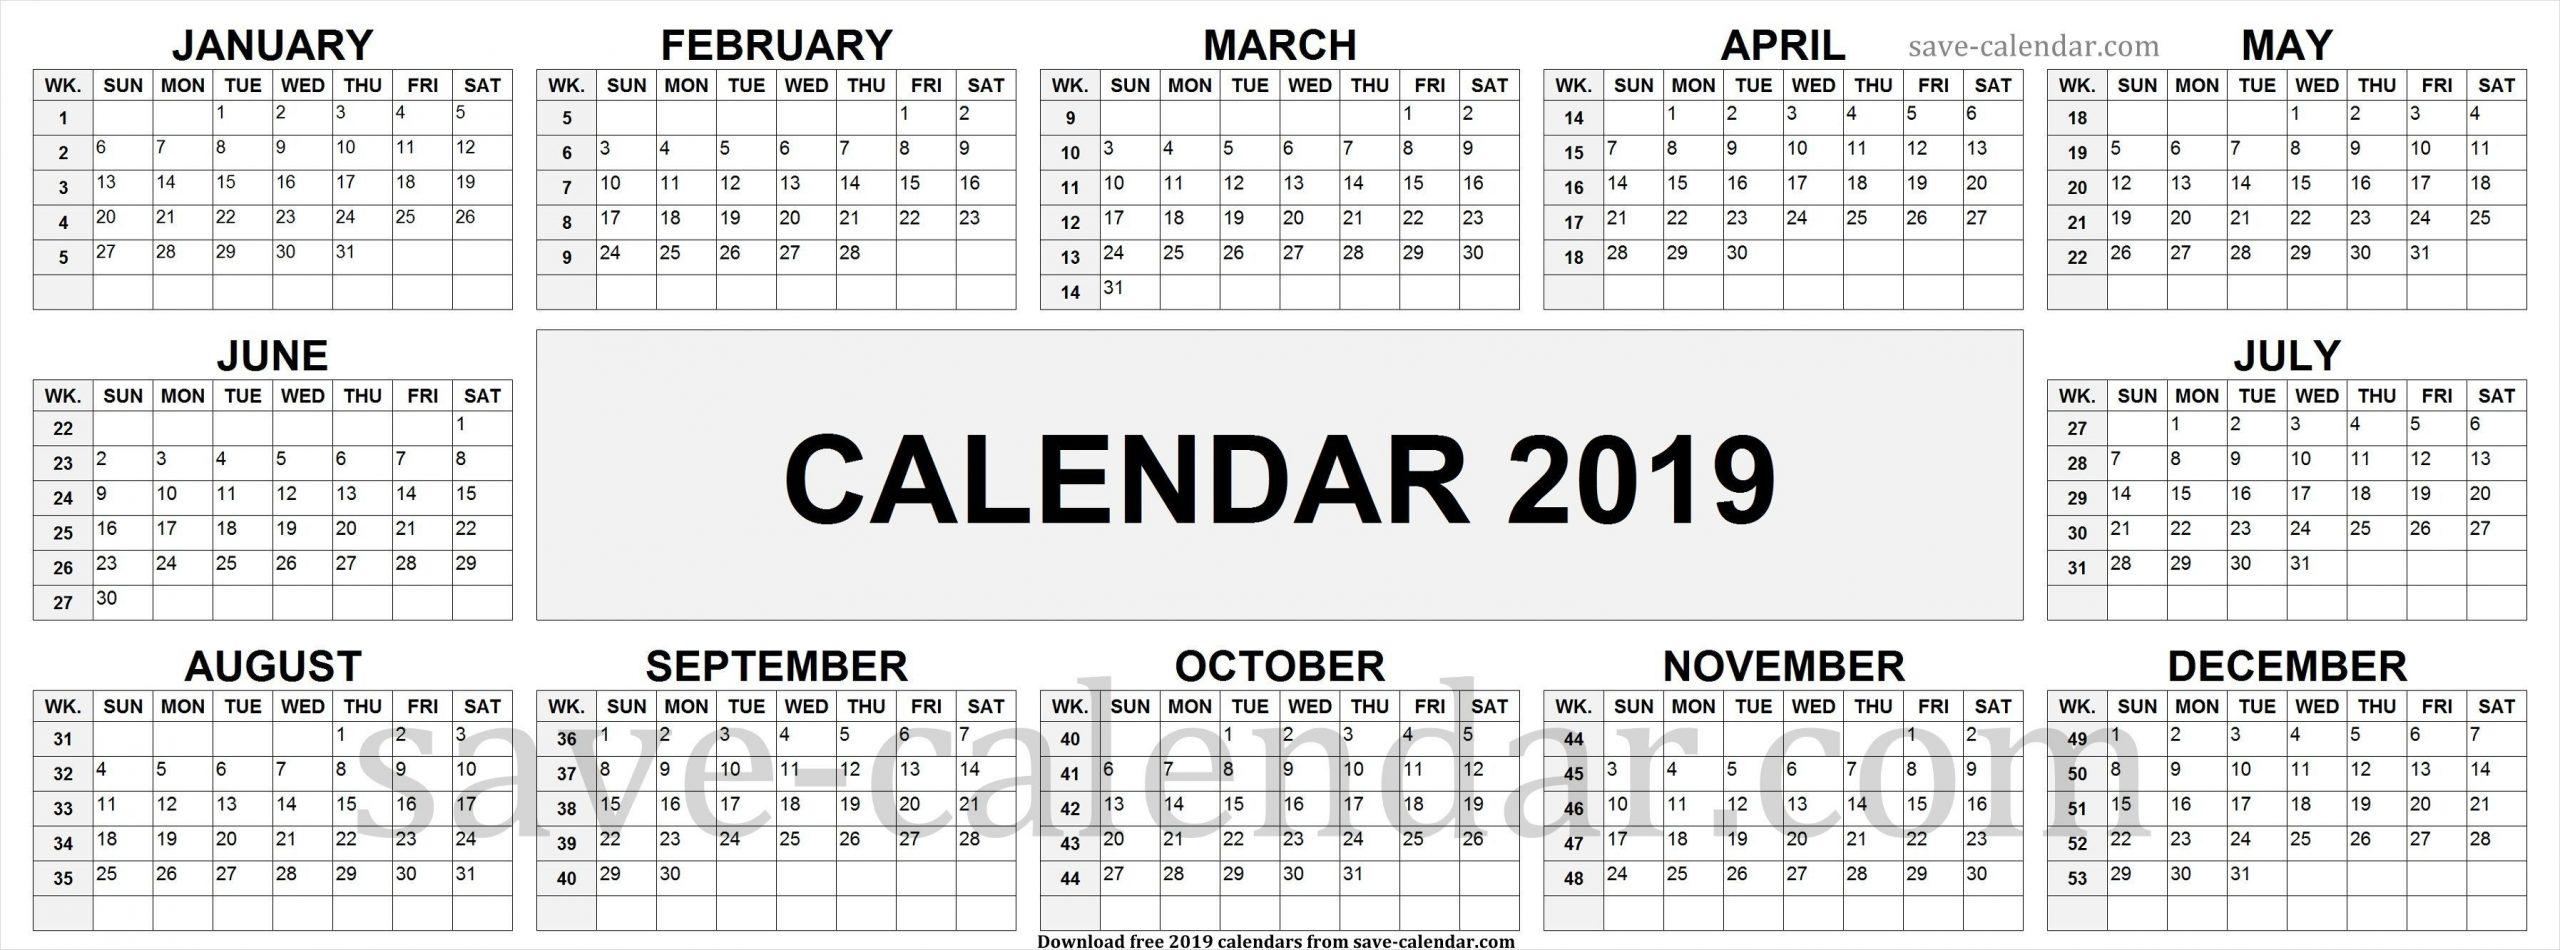 2019 Calendarweek Numbers | Week Number, Calendar 2019